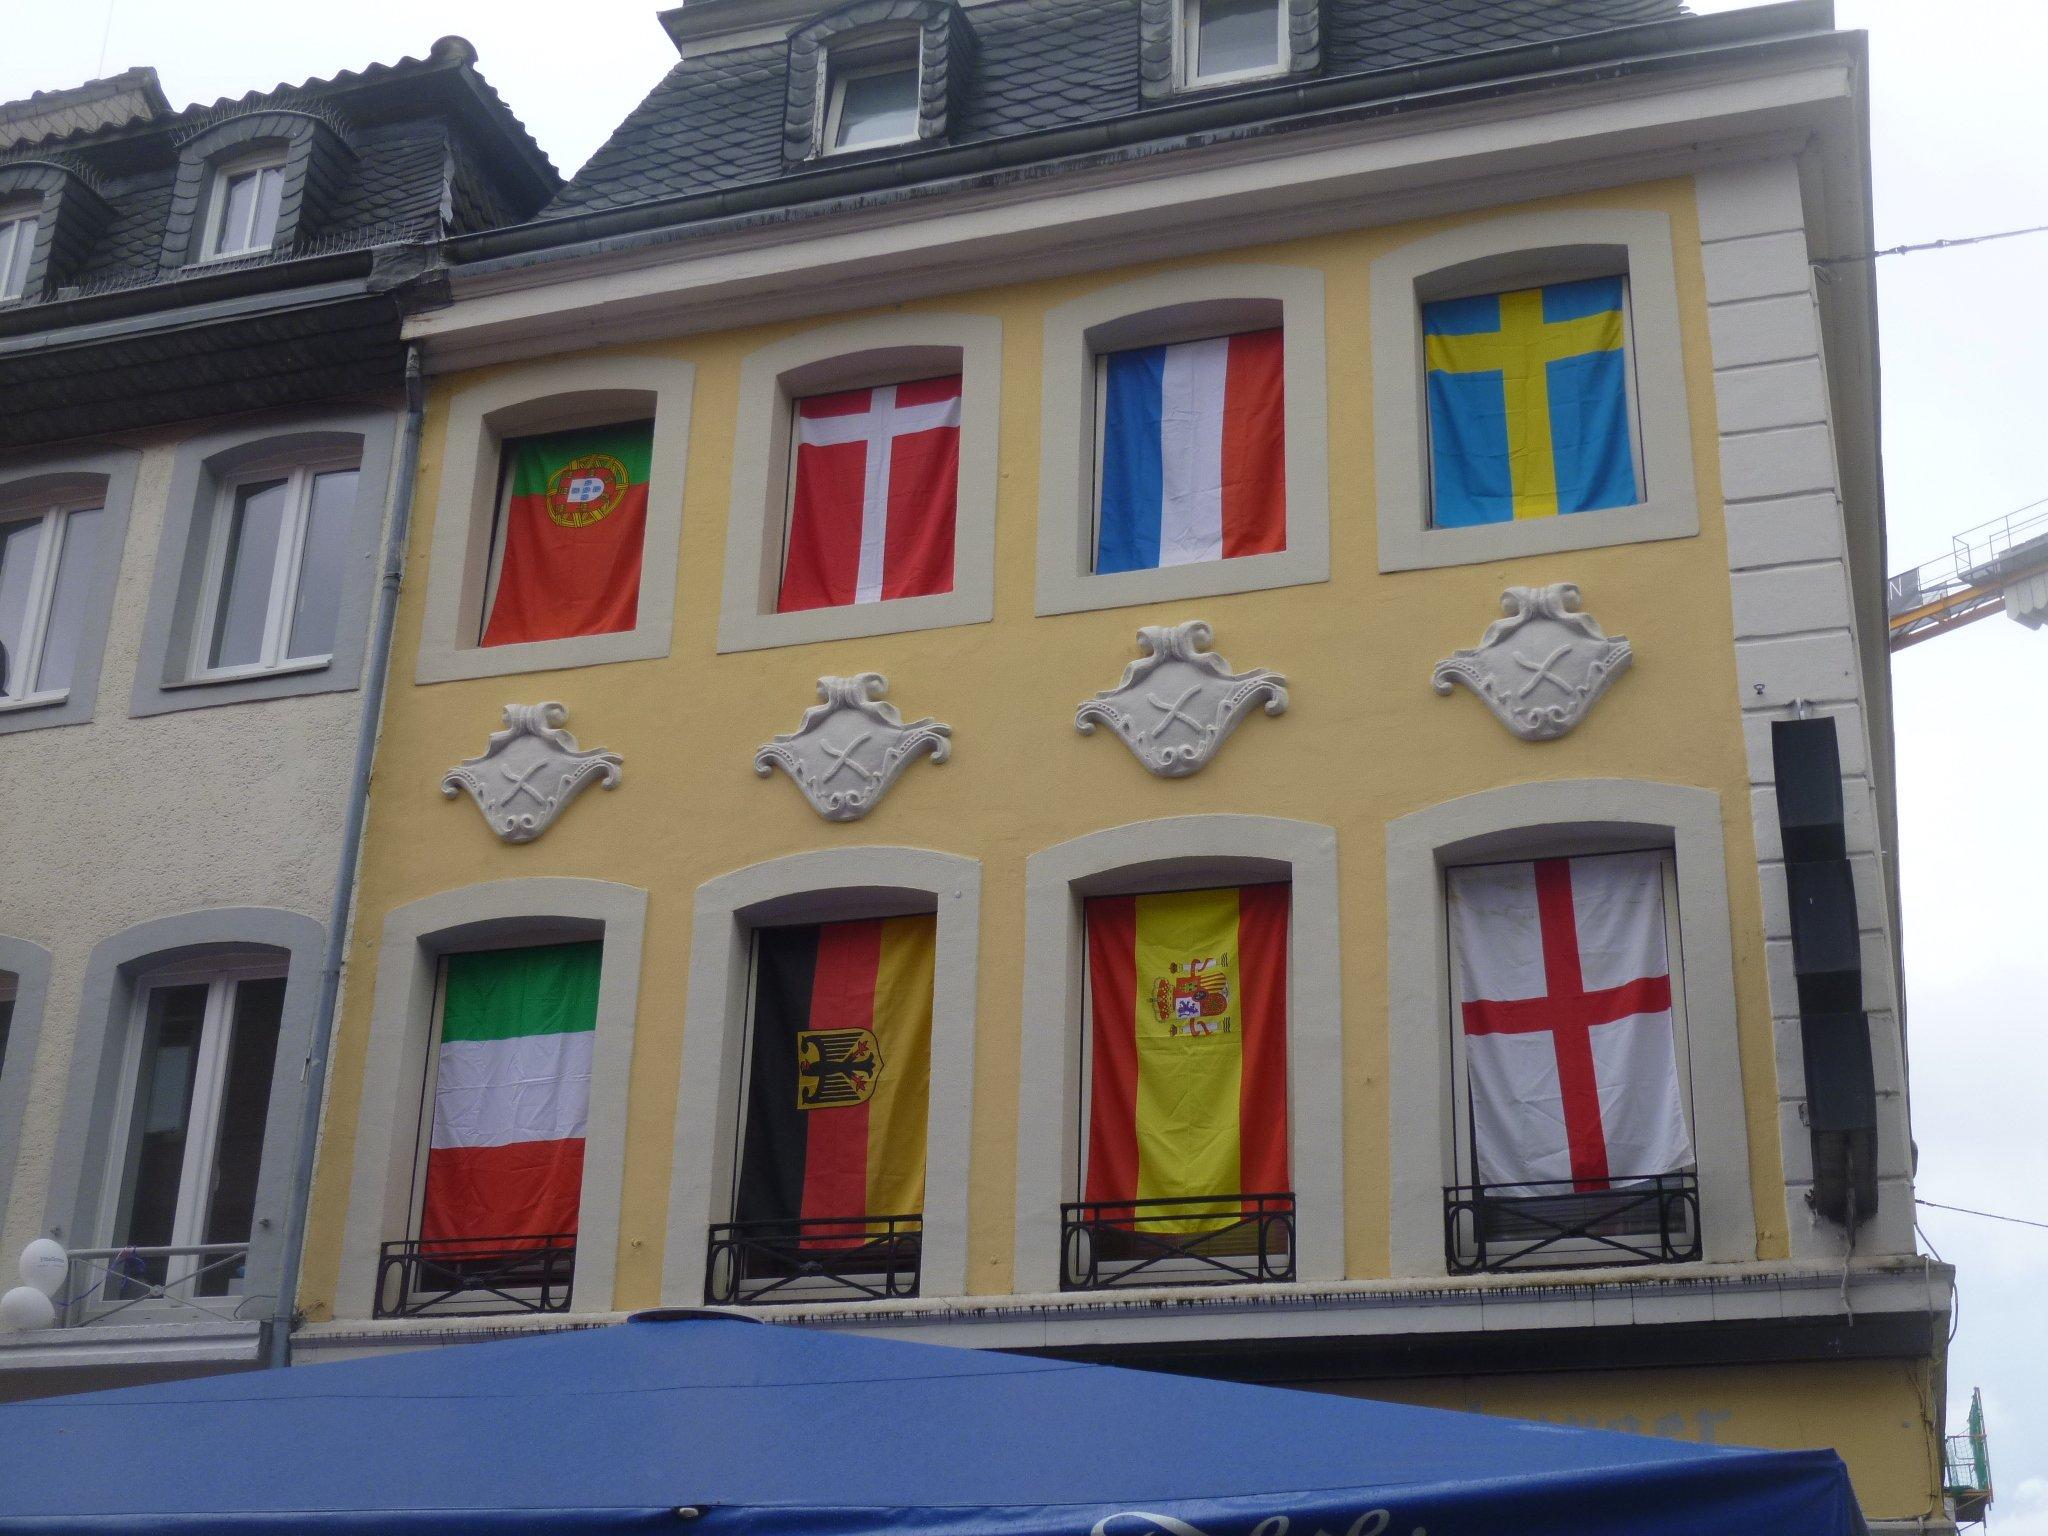 Flaggen am Haus